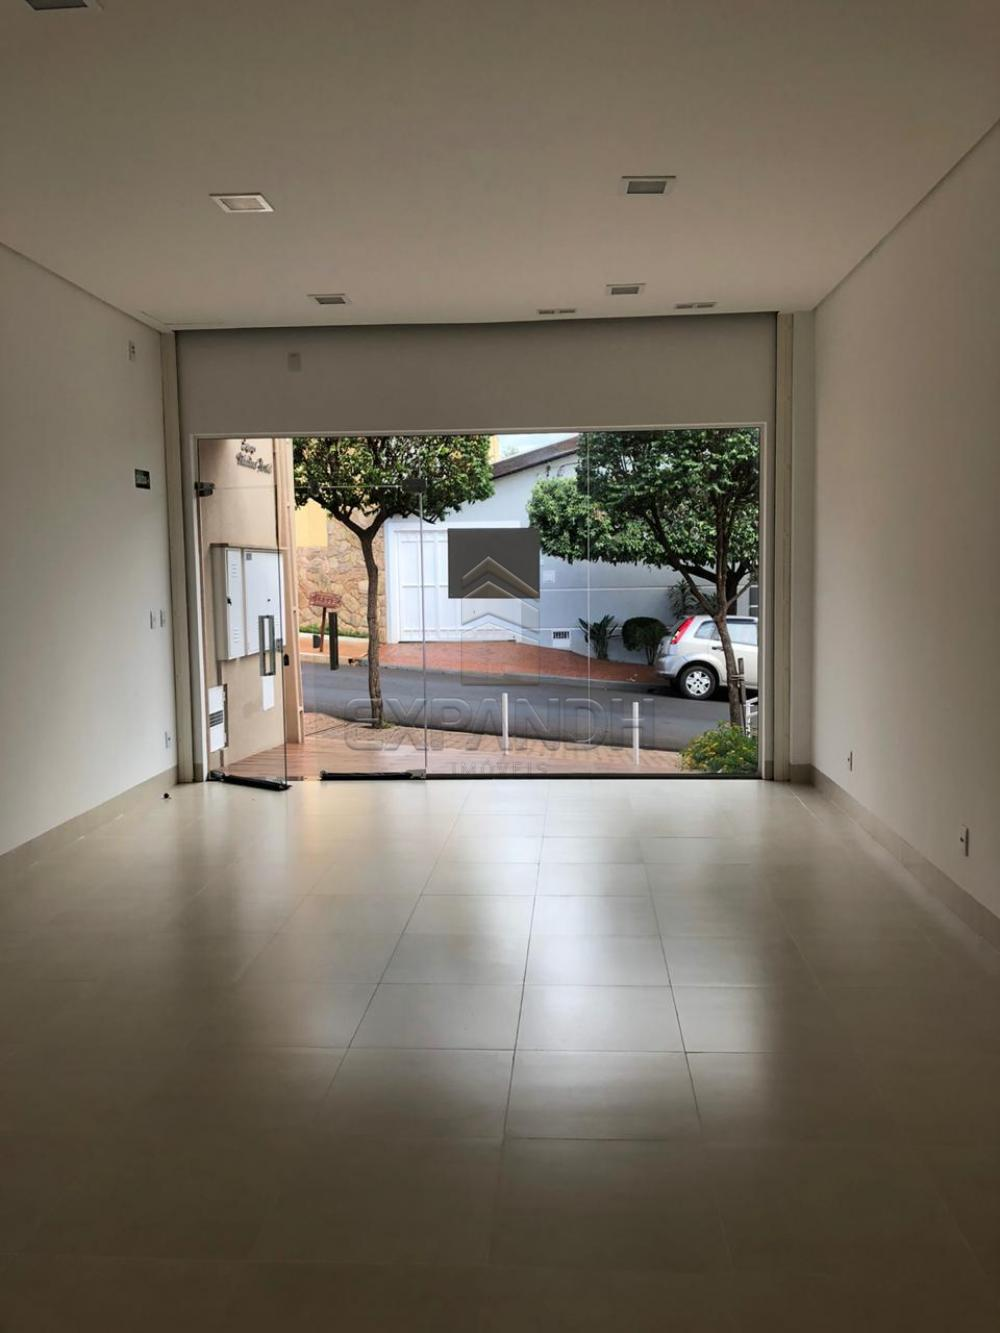 Alugar Comerciais / Sala em Sertãozinho apenas R$ 1.600,00 - Foto 3